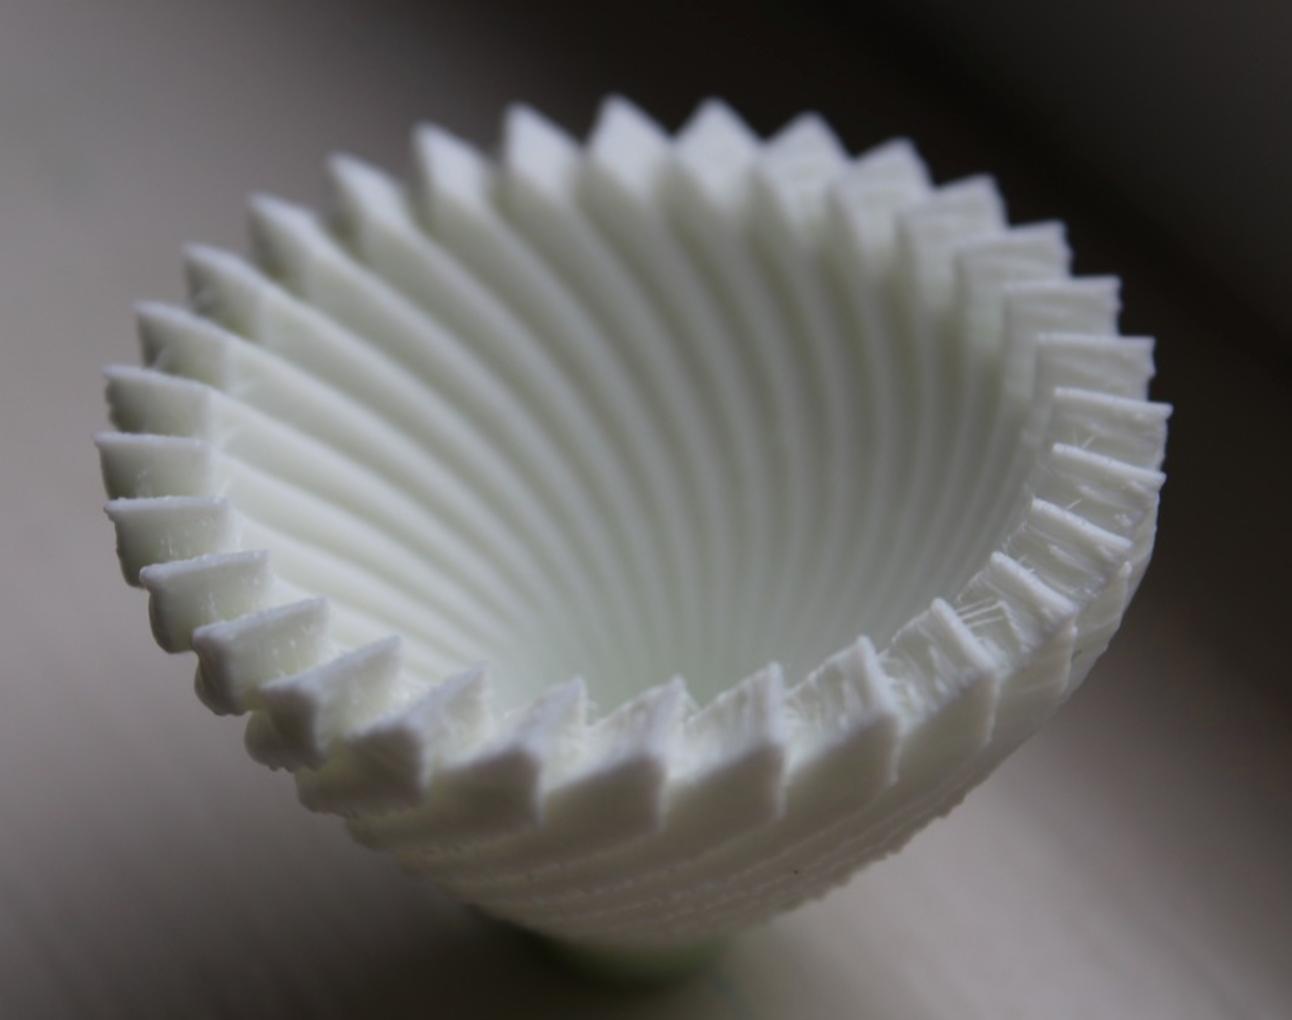 Capture d'écran 2017-05-31 à 19.16.15.png Download free STL file Origami Vase • 3D printable model, 3DPrintingGurus